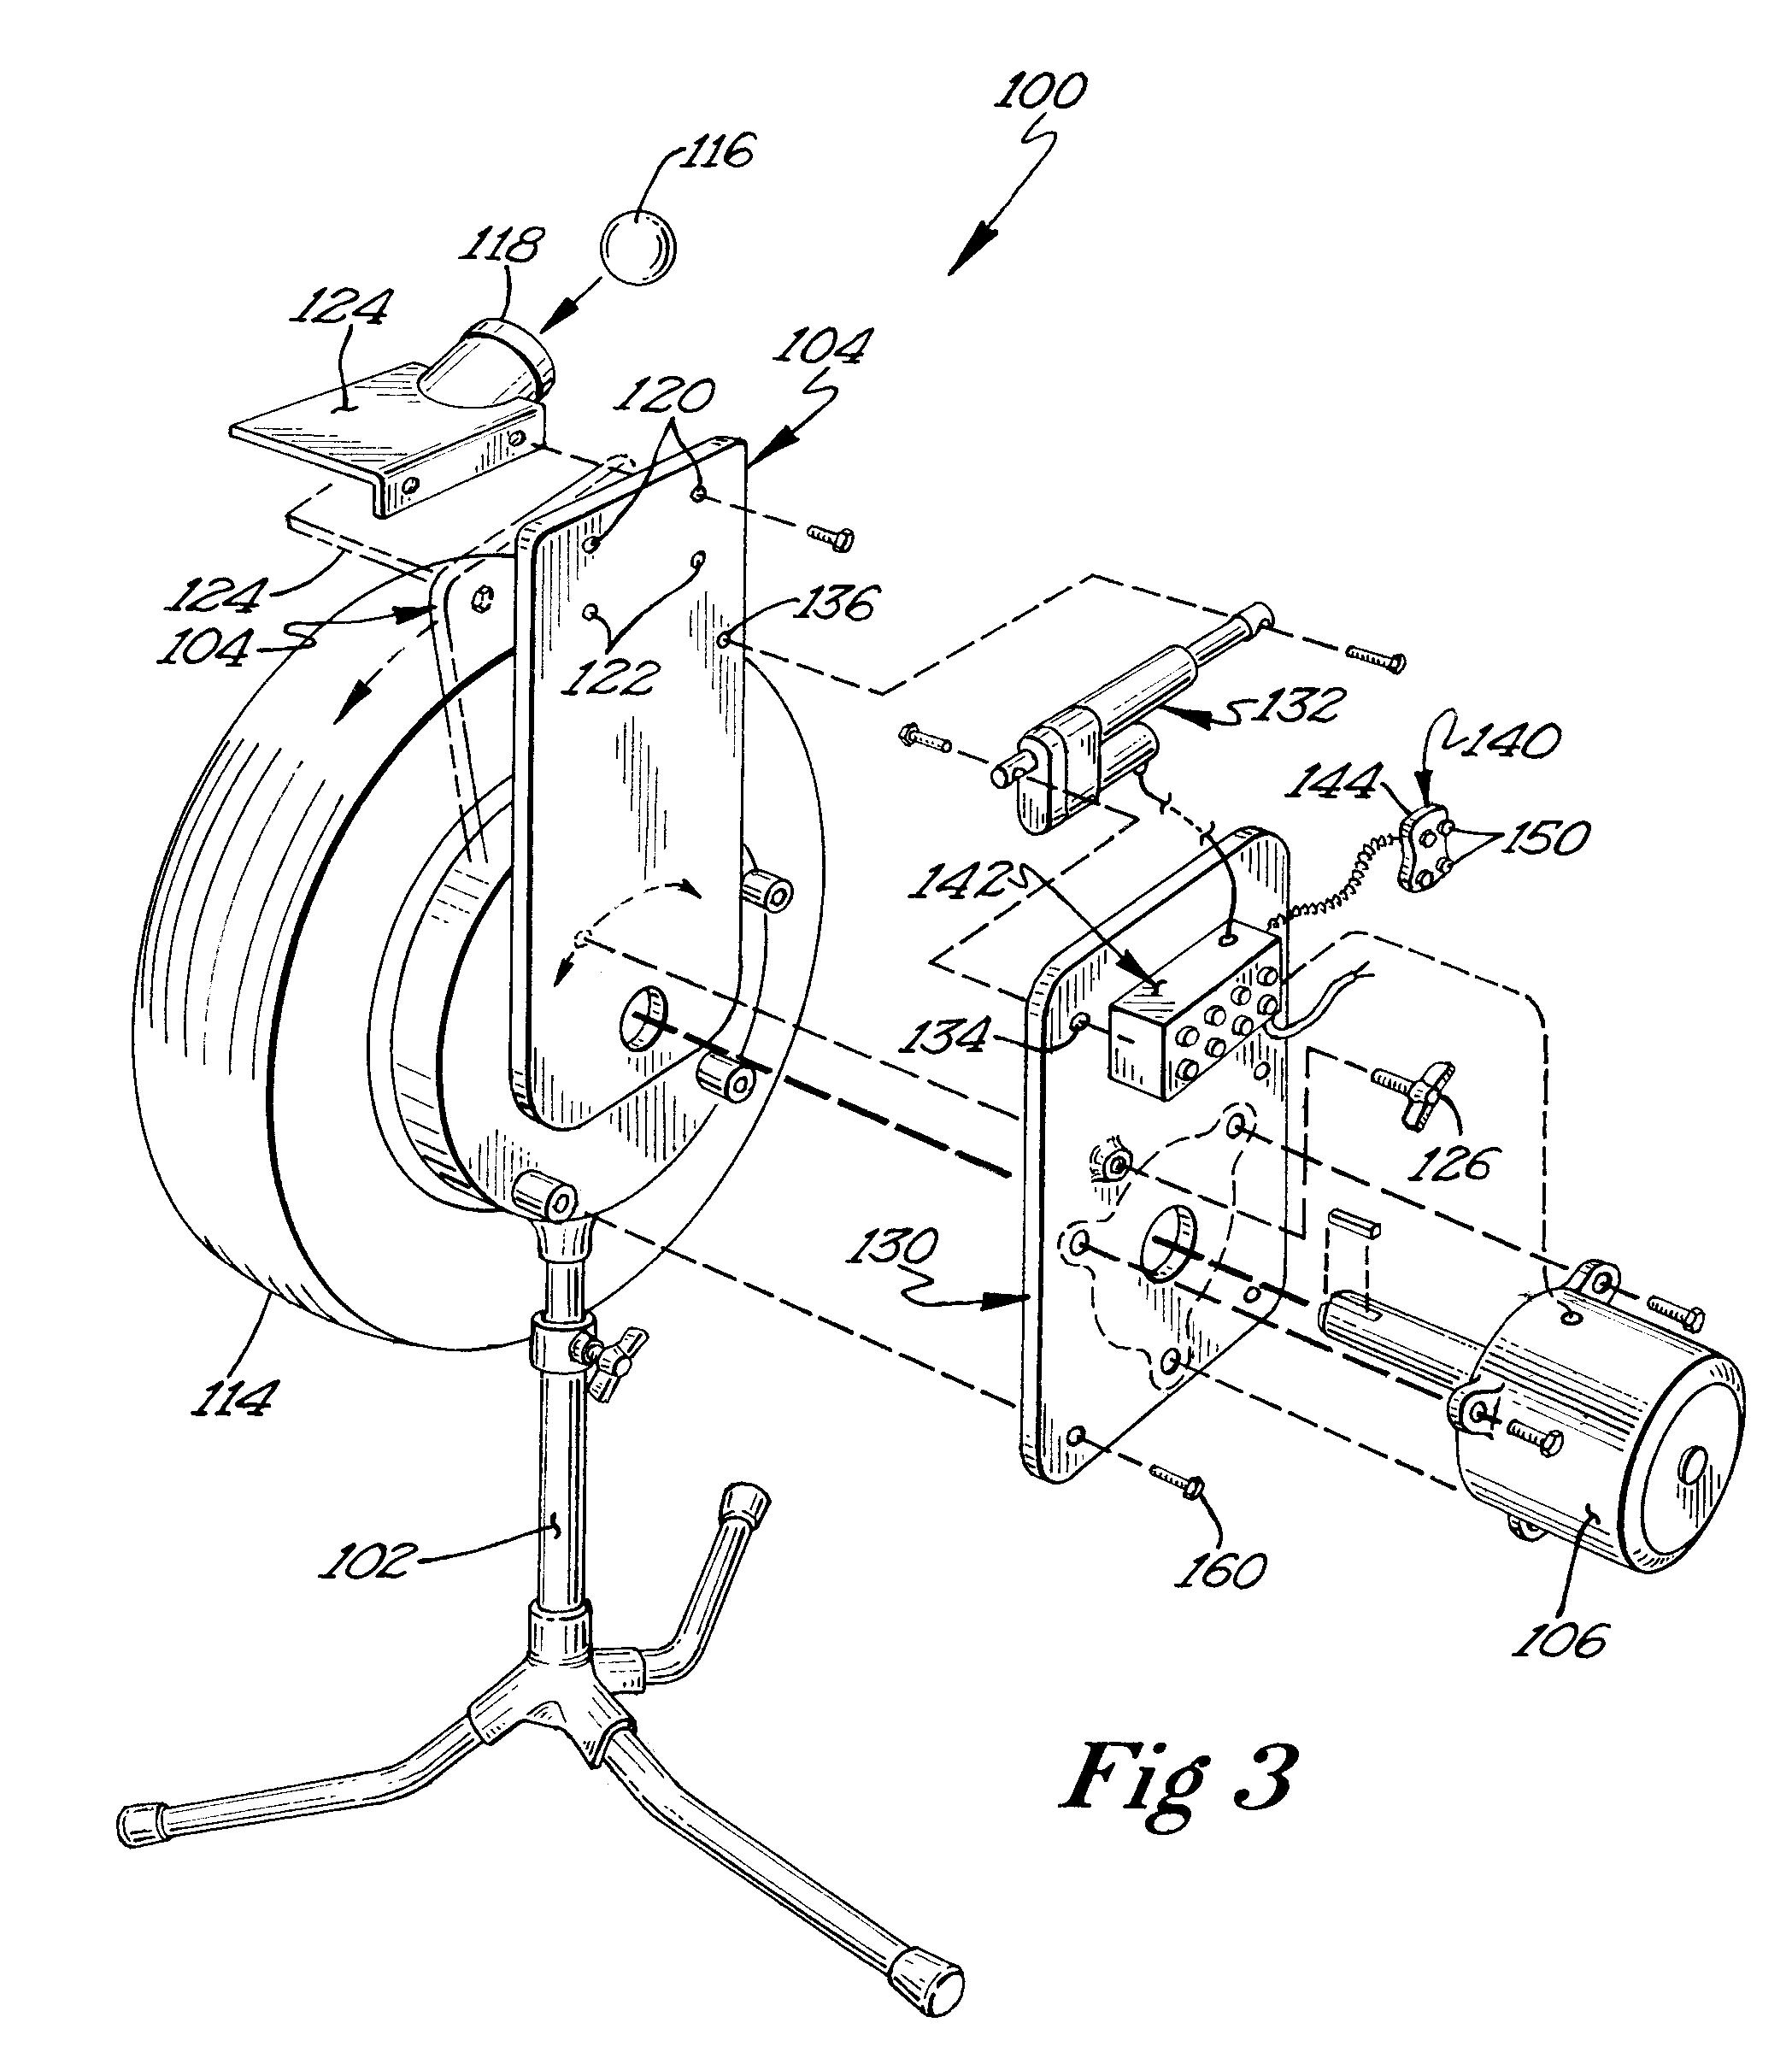 Pitching Machines Wiring Diagram